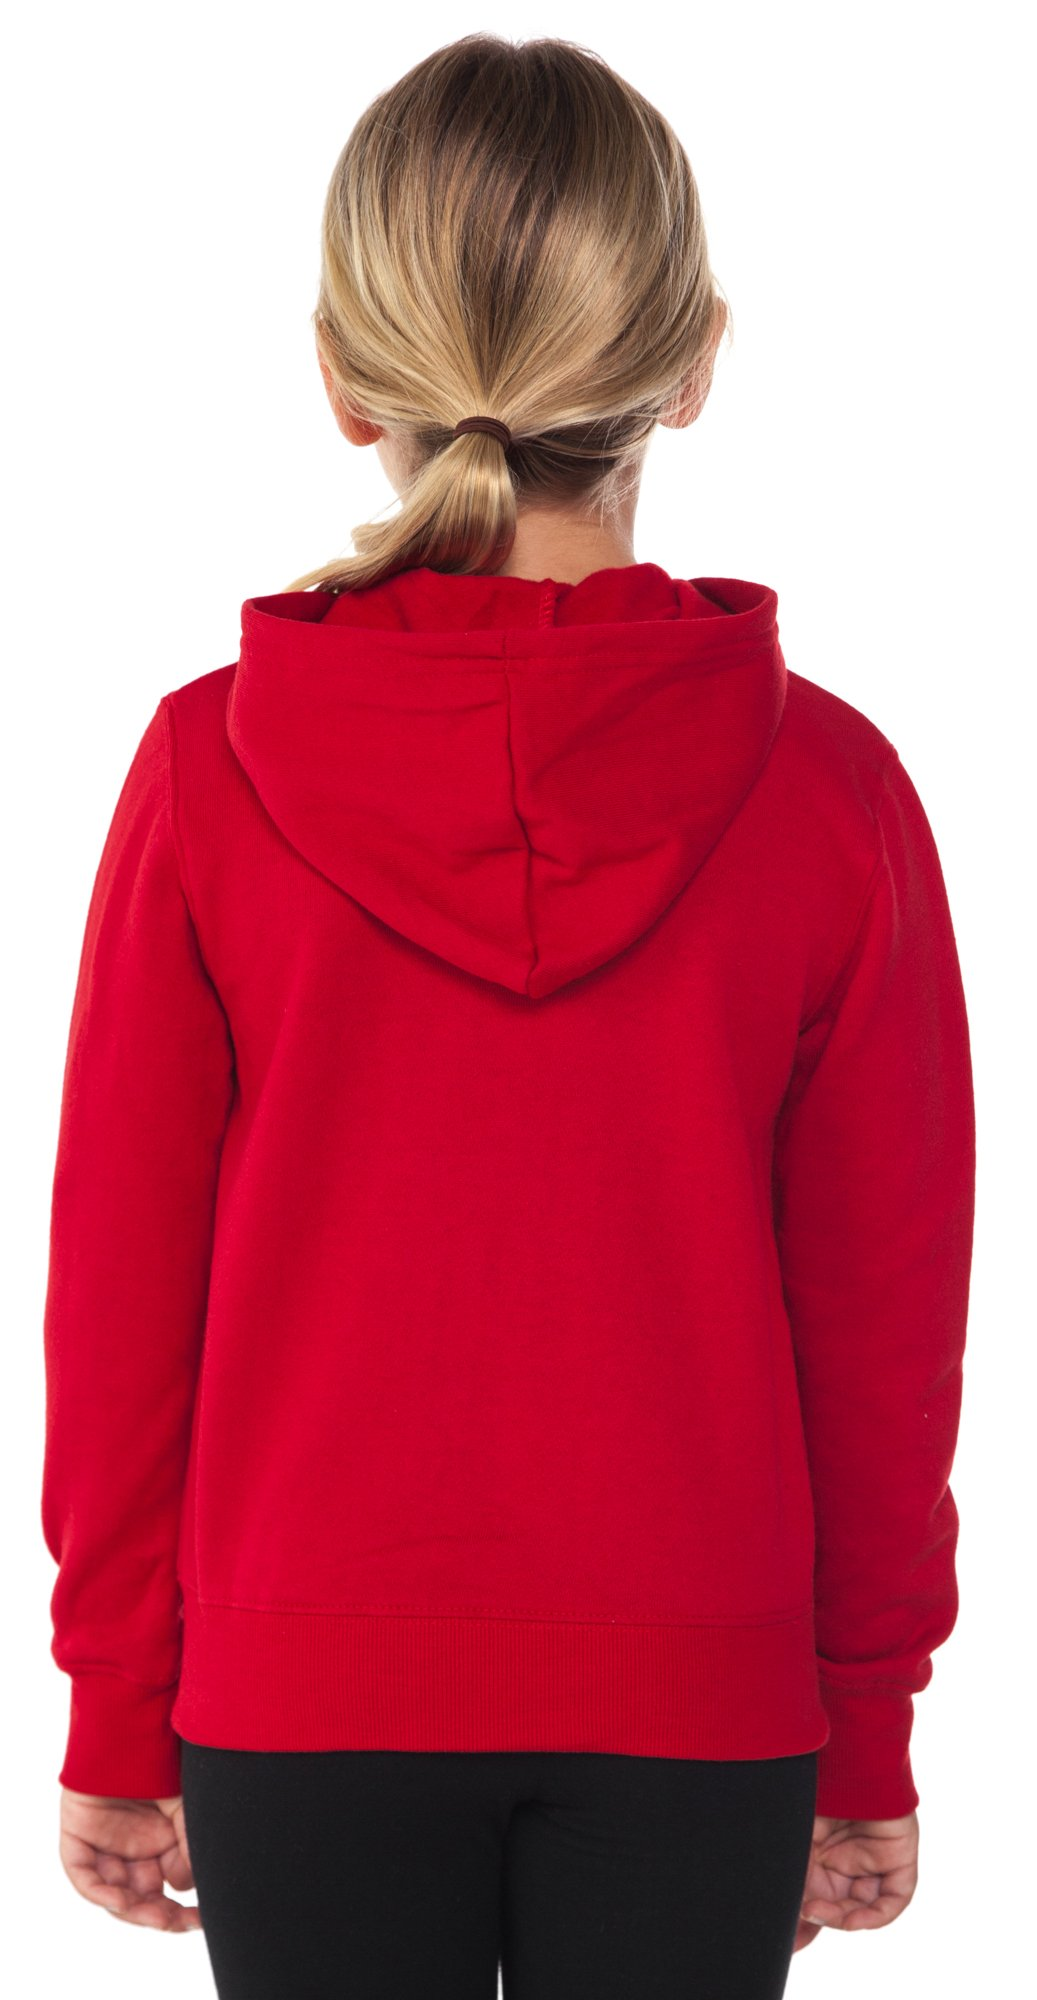 Disney Minnie Mouse Girl's Hoodie Zipper Sweatshirt Print Red (Large (10/12)) by Disney (Image #3)